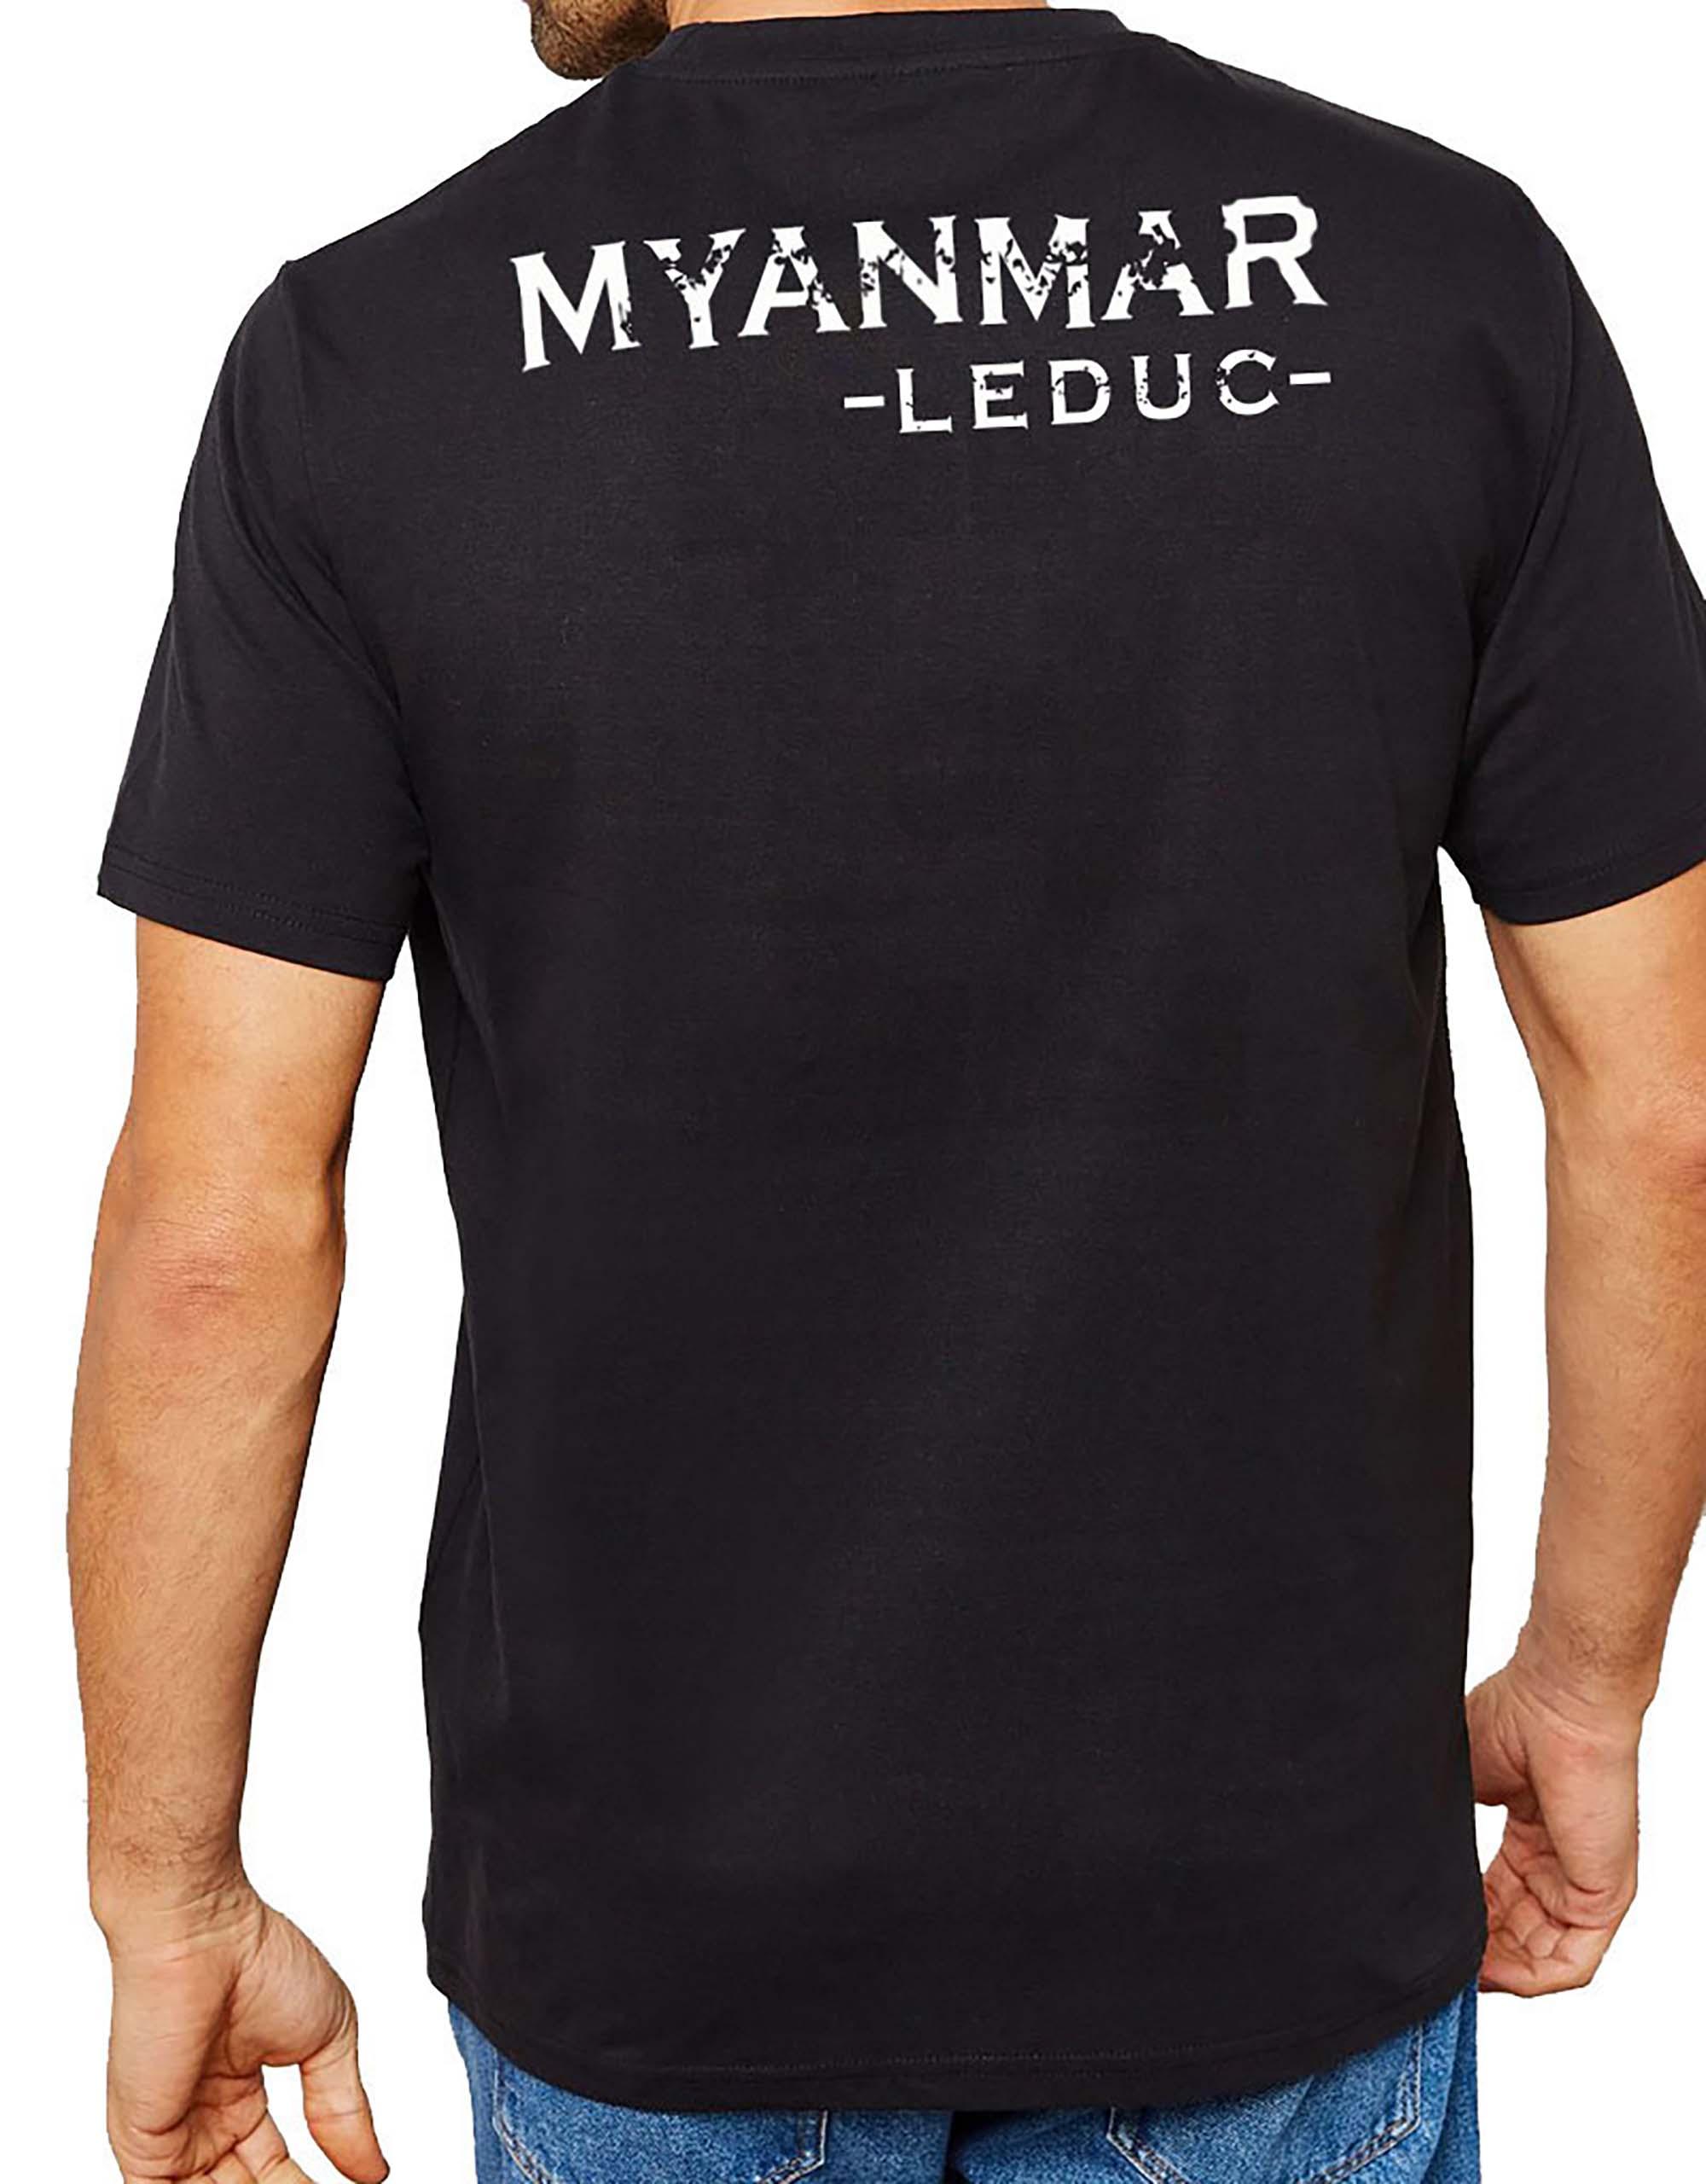 Boxing T-Shirt Mockup 2